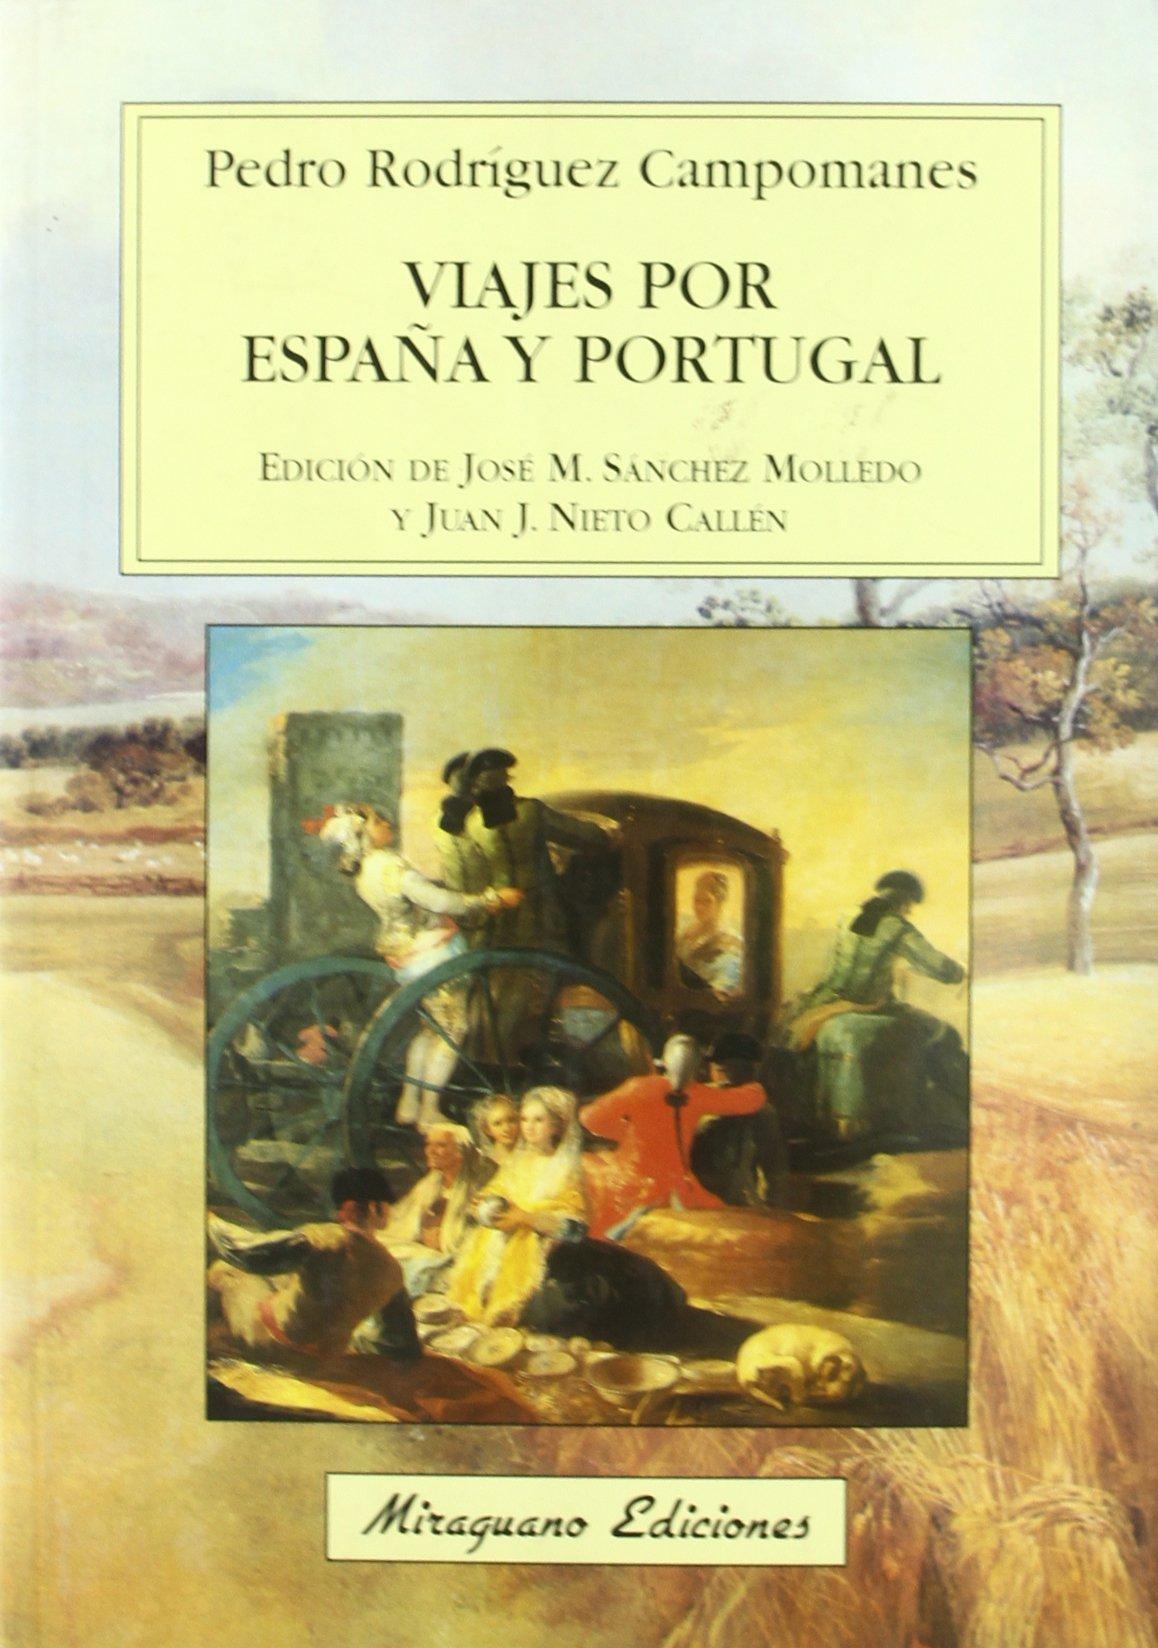 Viajes por España y Portugal (Viajes y Costumbres): Amazon.es ...